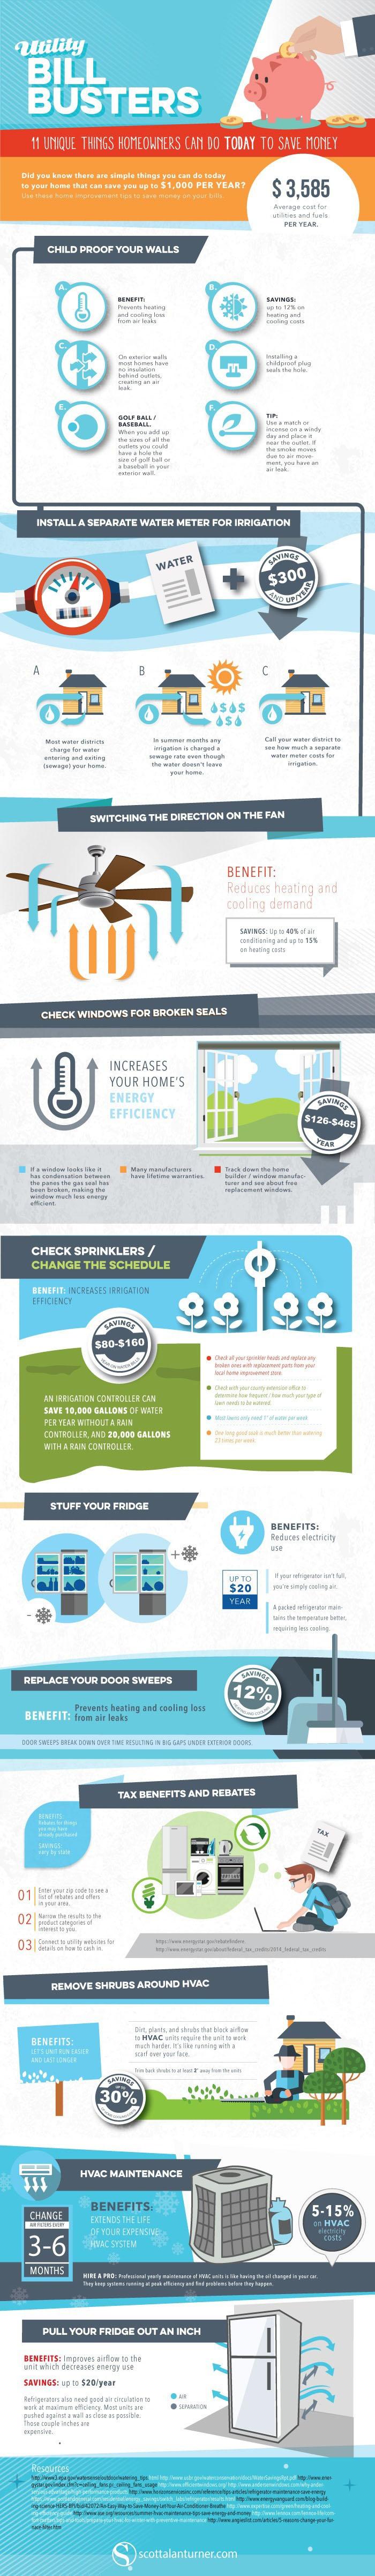 Home ownership savings